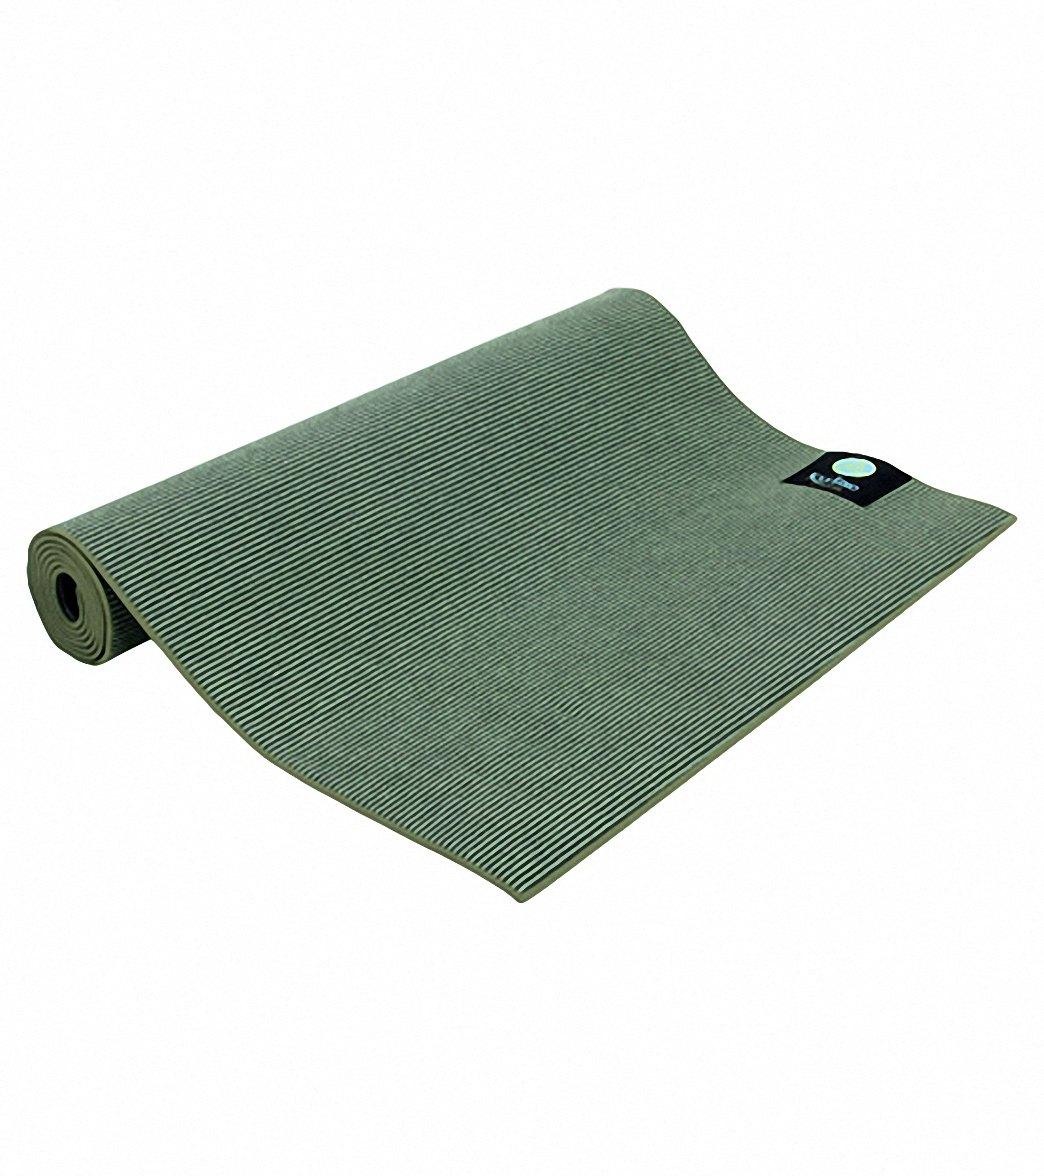 Kulae Elite Hot Hybrid Yoga Mat At YogaOutlet.com